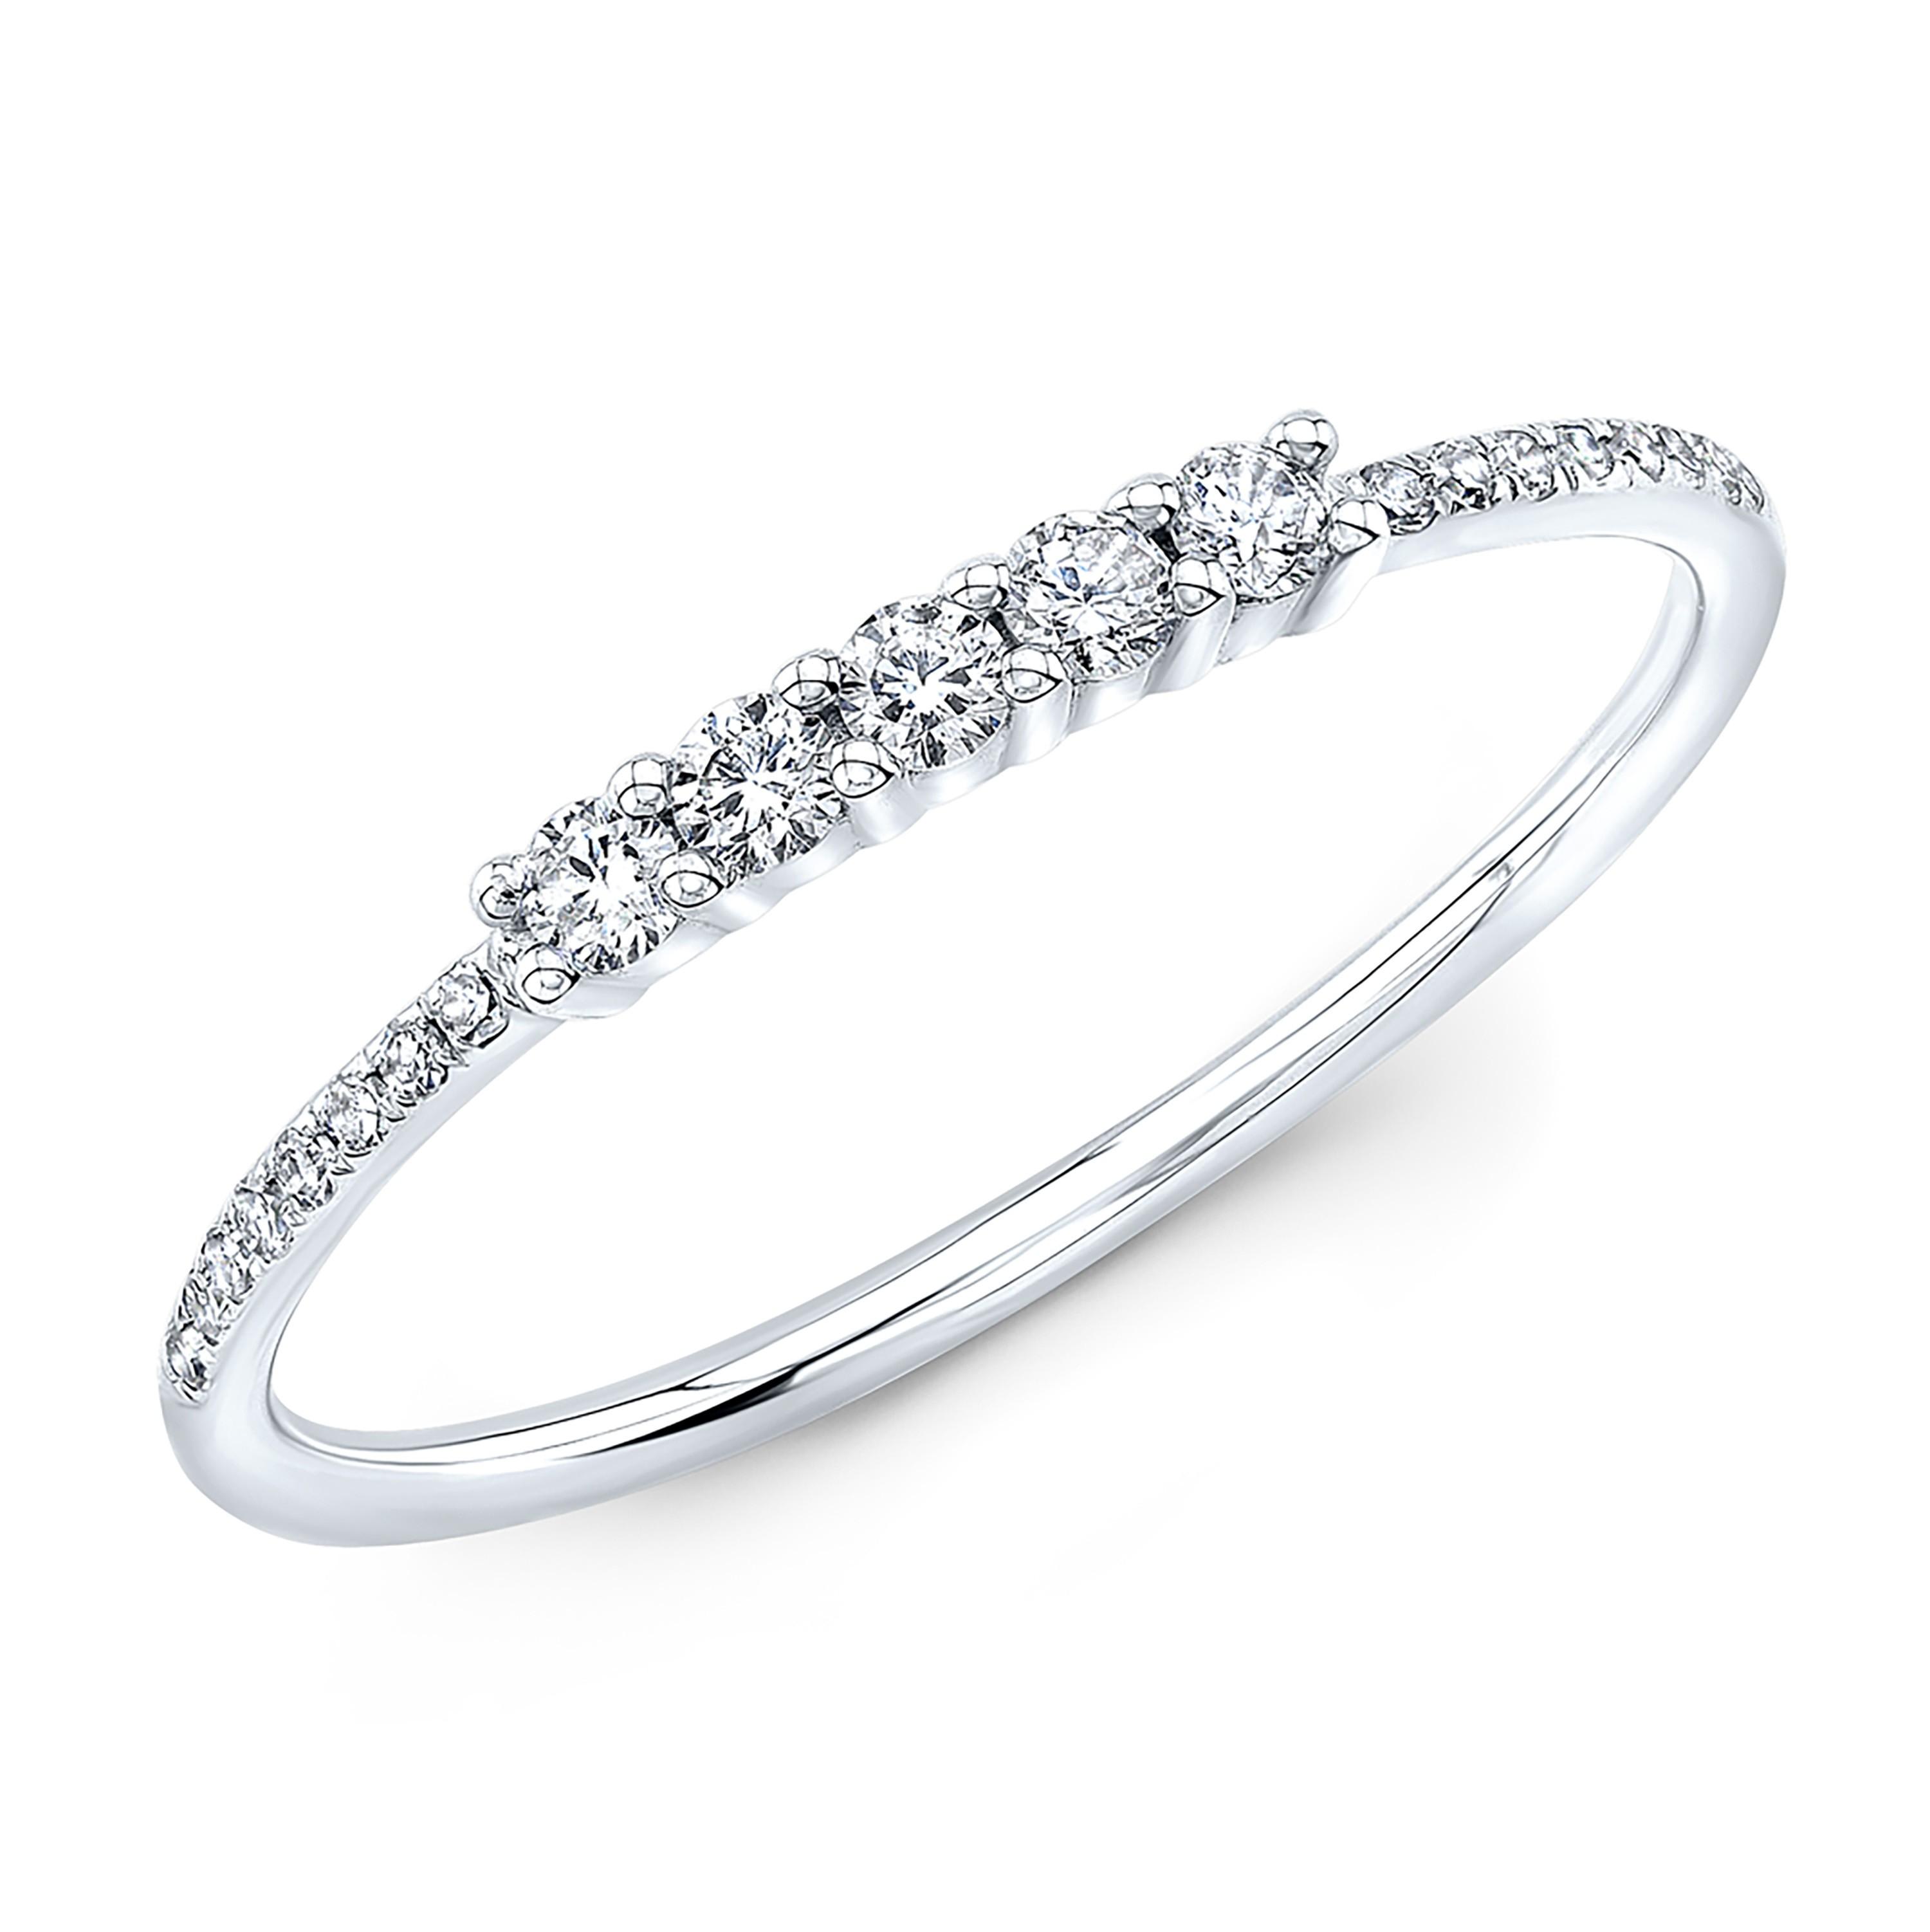 14KT White Gold Diamond Stacking Ring